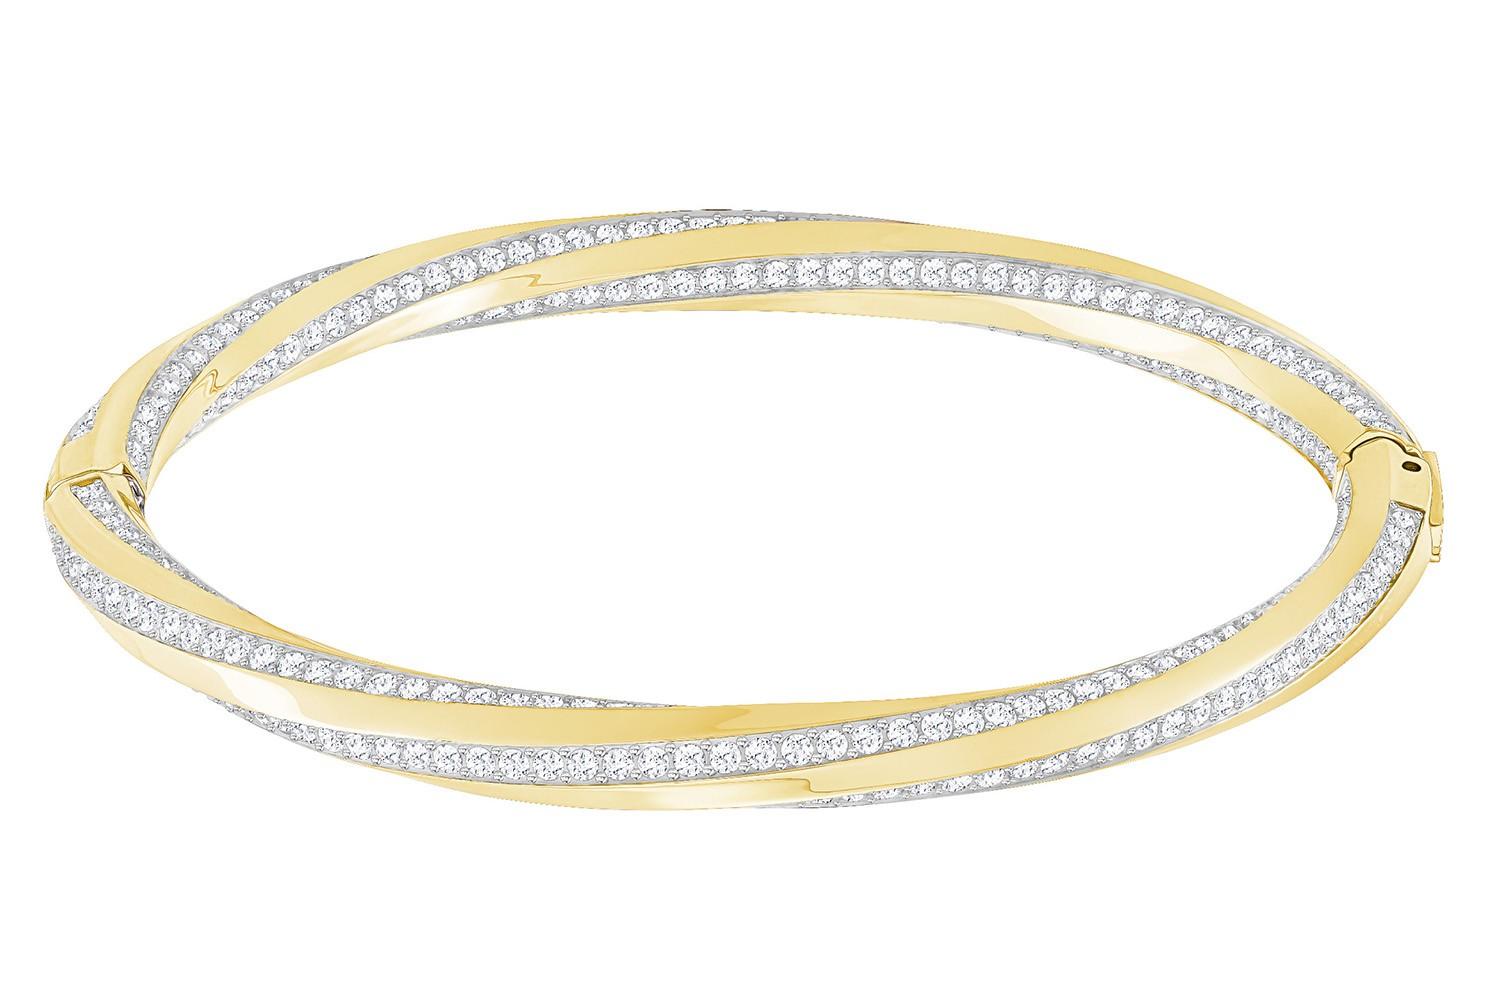 Swarovski Armband Hilt Bangle goudkleurig M 5350170